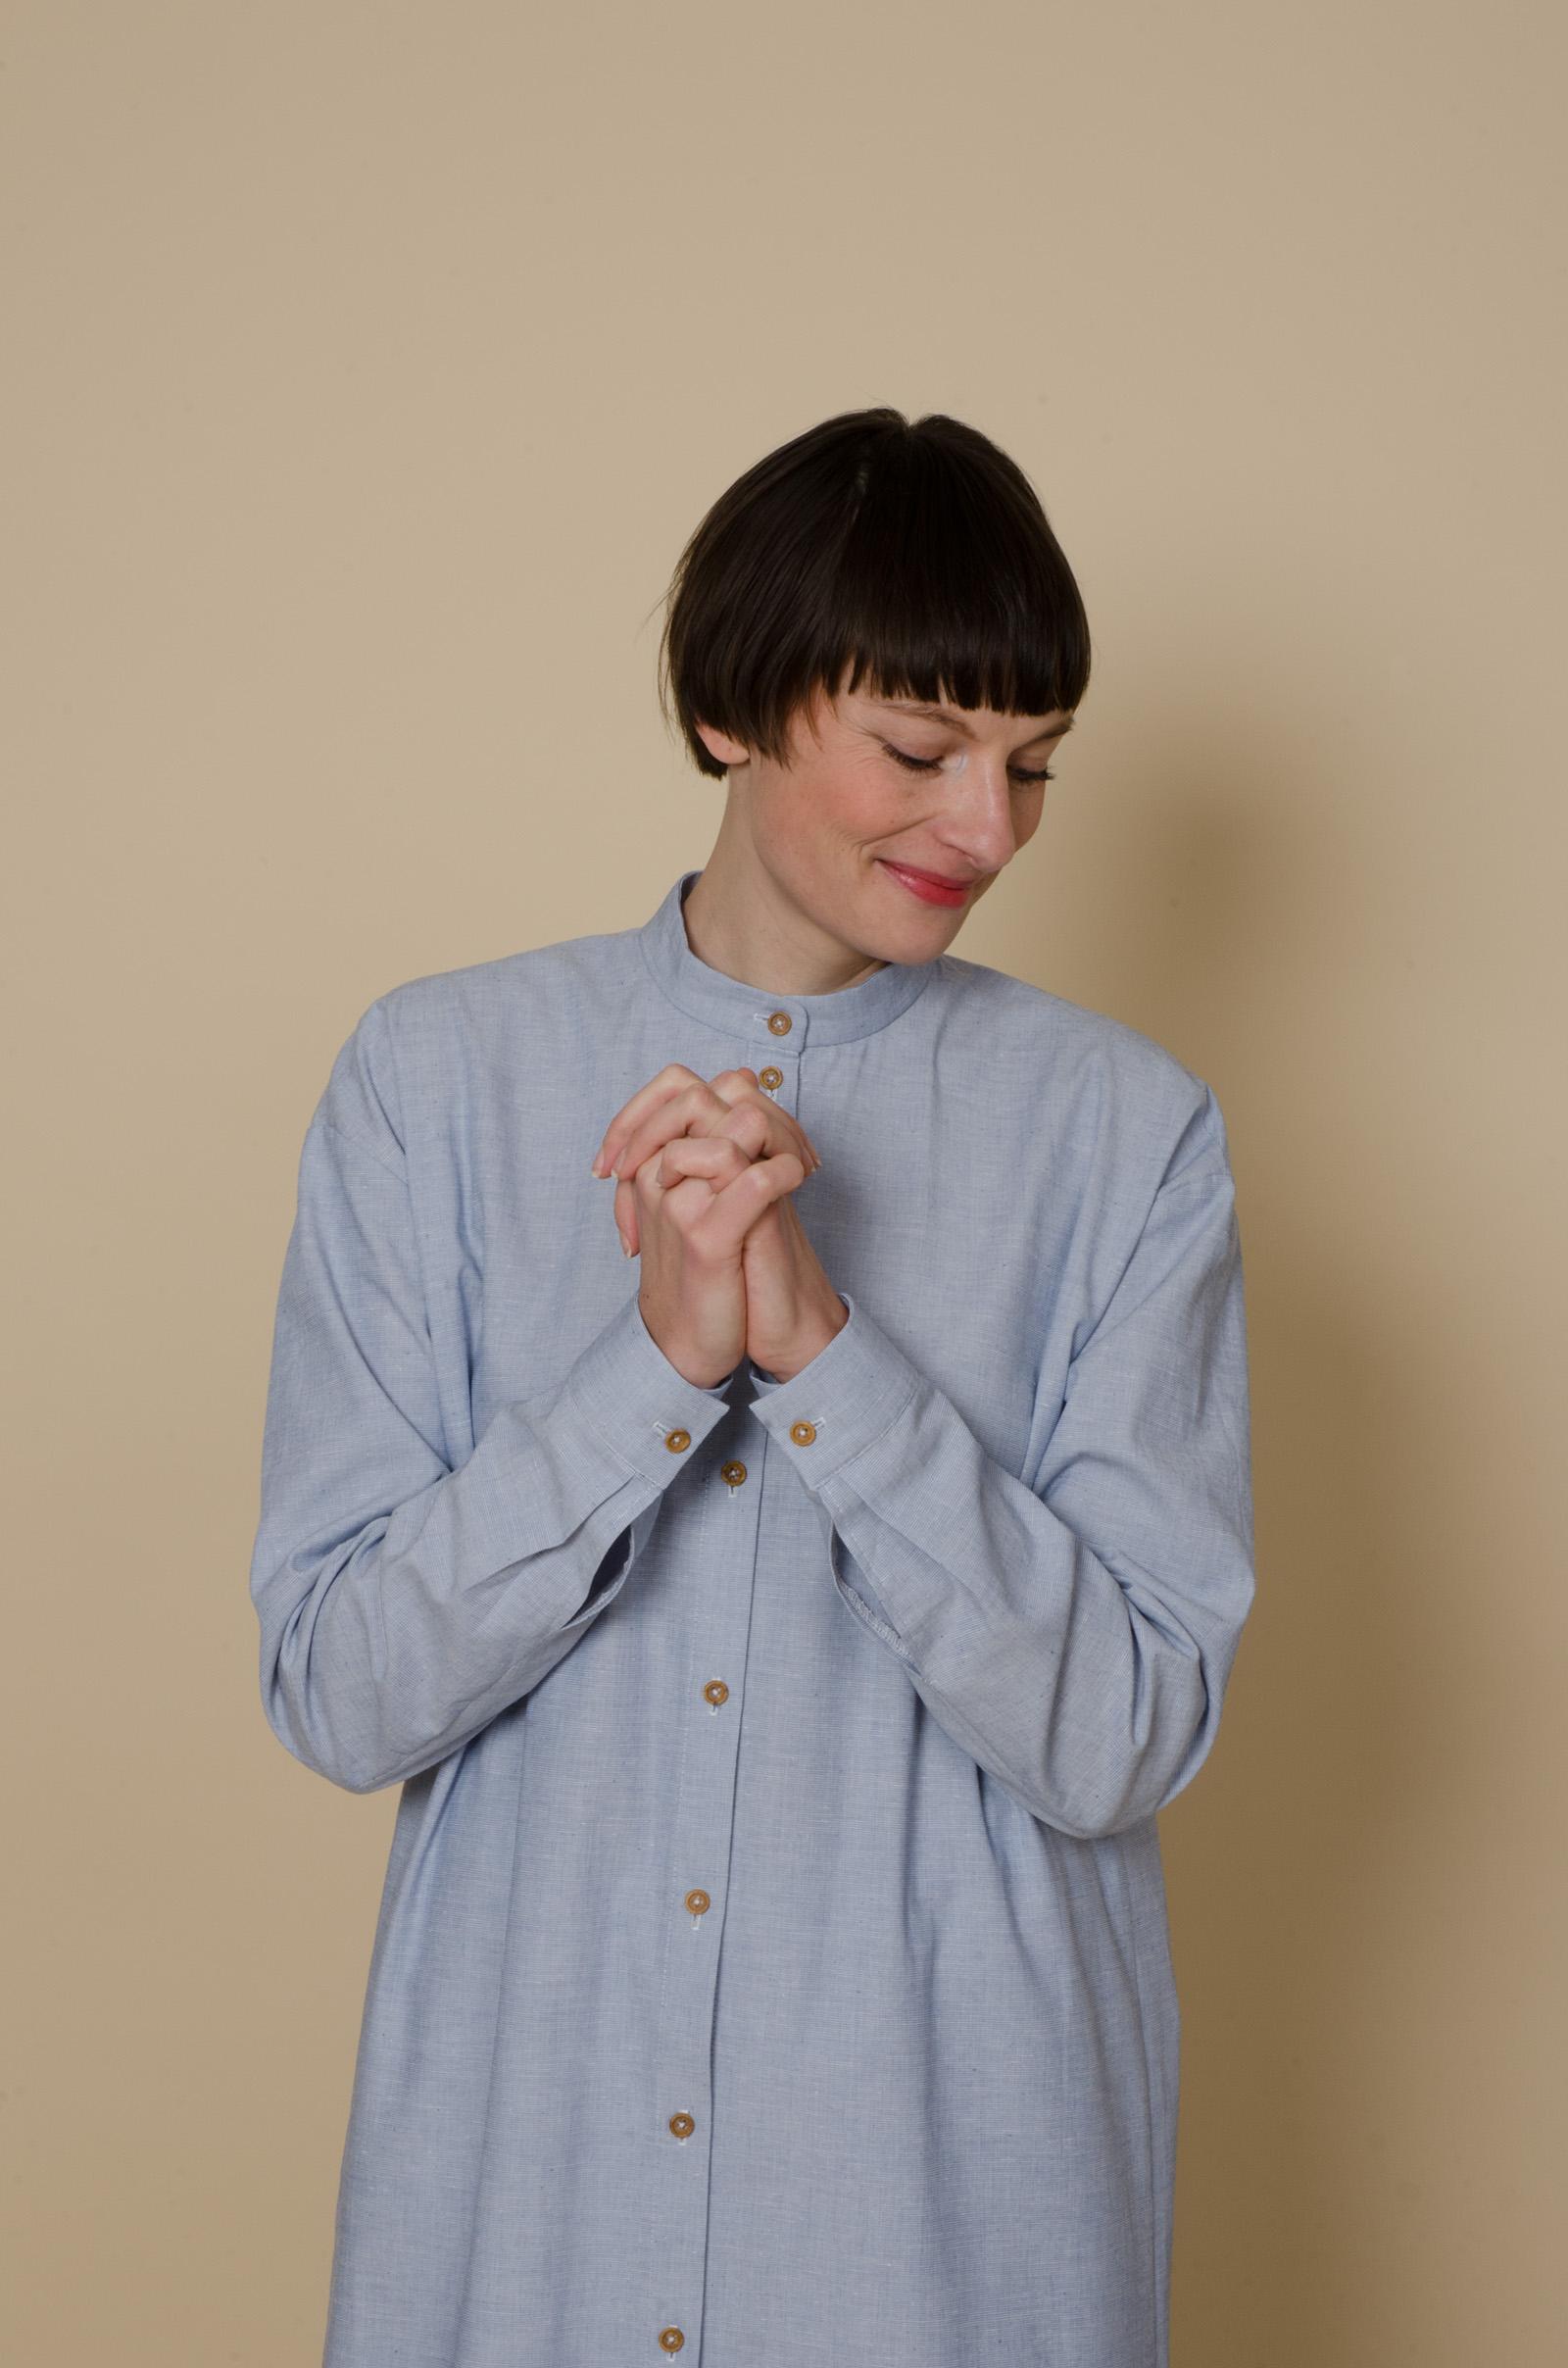 meinwerk diy schnittmuster & anleitung oversized shirtdress. nähanleitung, hemdkleid nähen, hemdkleid schnitt, bluse nähen, blusen schnittmuster, blaues weites hemdkleid selber nähen, weite bluse, weites blusenkleid, oversized bluse, tunika schnitt, diy design, hemdstoff, blusenstoff, handmade shirt, diy berlin, minimalistisch, minimalism, puristisch, slow fashion, nachhaltig, skandinavisch,